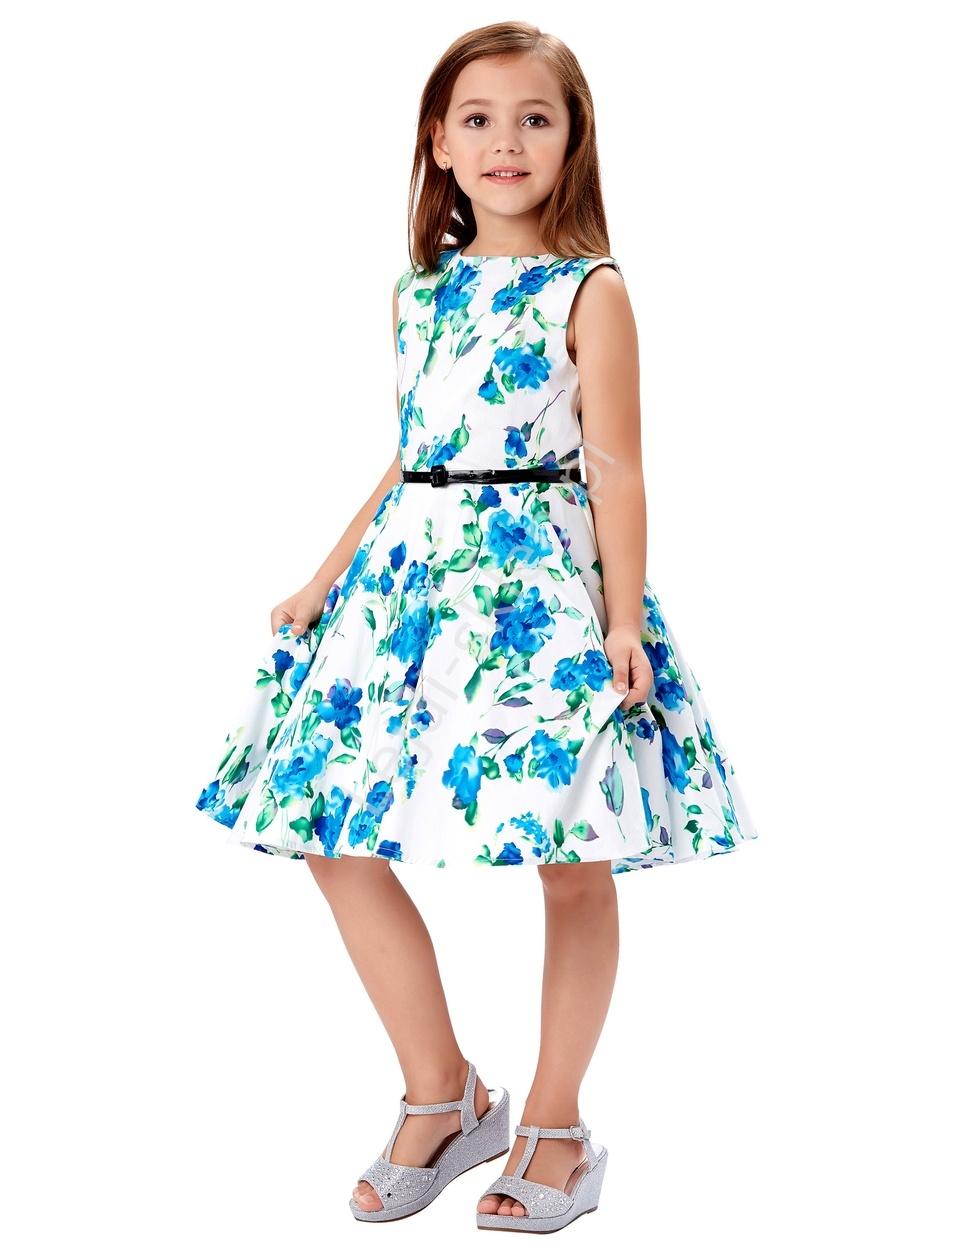 920020bf51 Znany Sukienka dla dziewczynki w niebieskie kwiaty